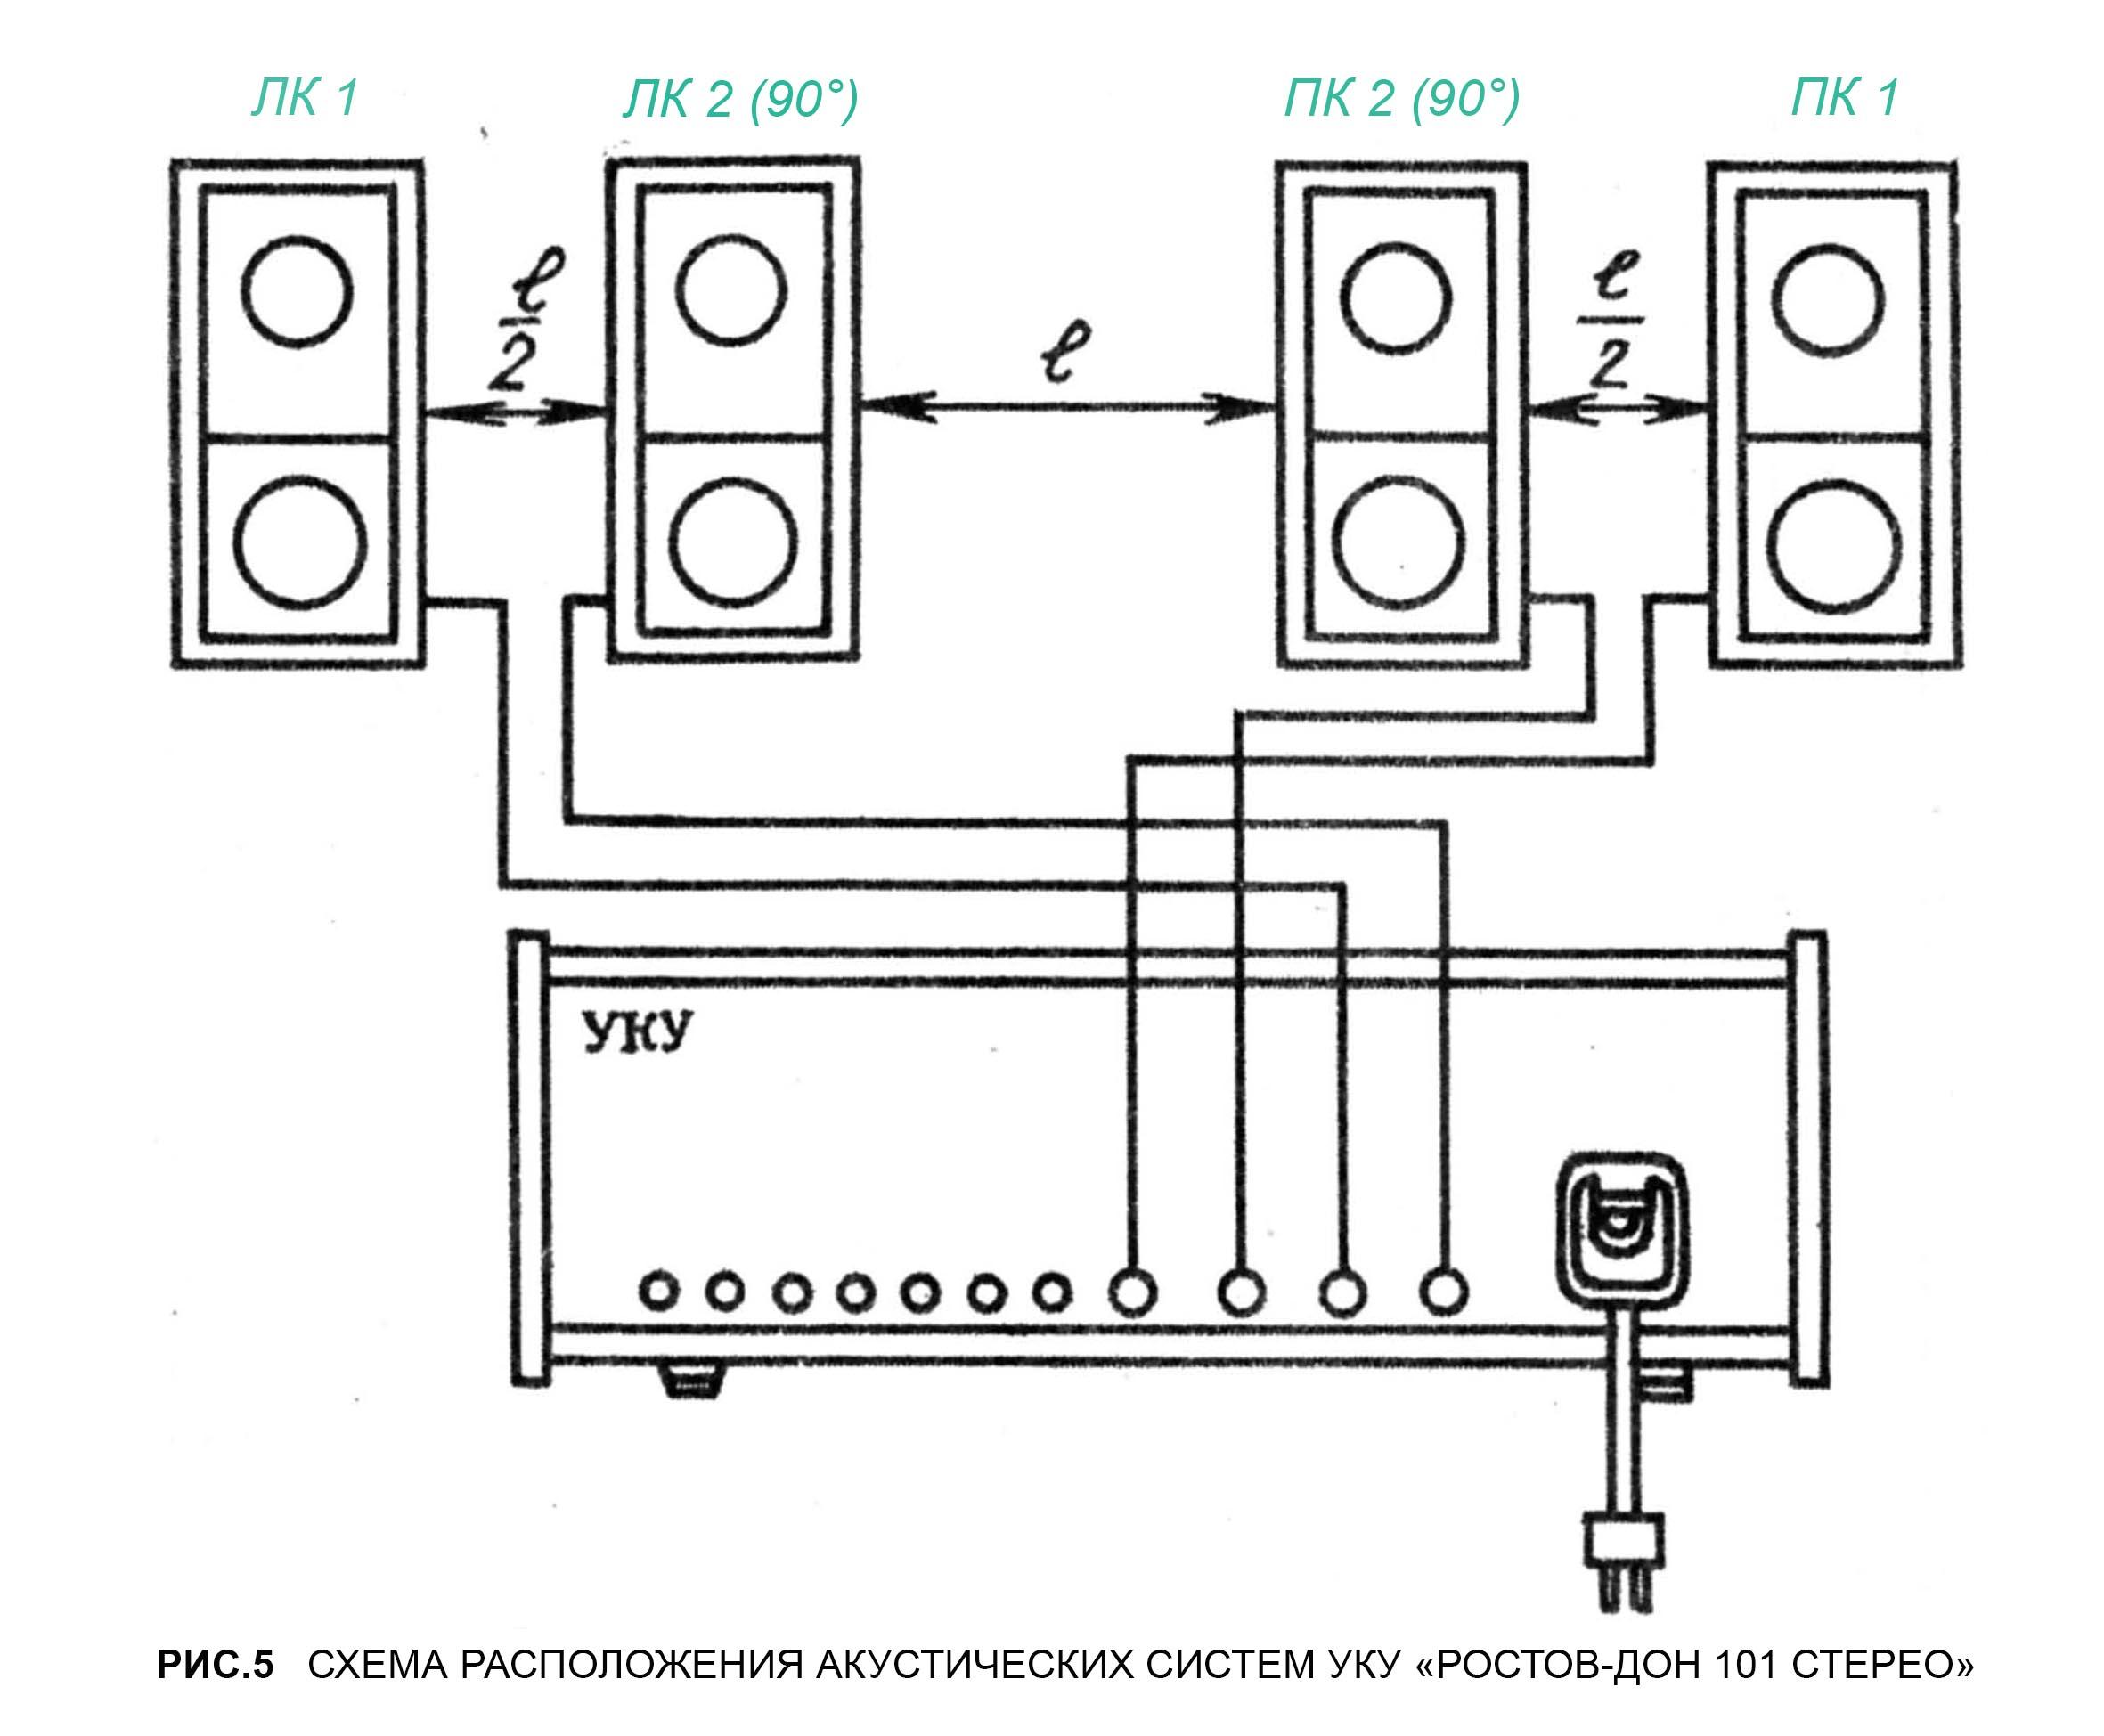 Схема расположения акустических систем УКУ 'Ростов-Дон 101 стерео'.jpg